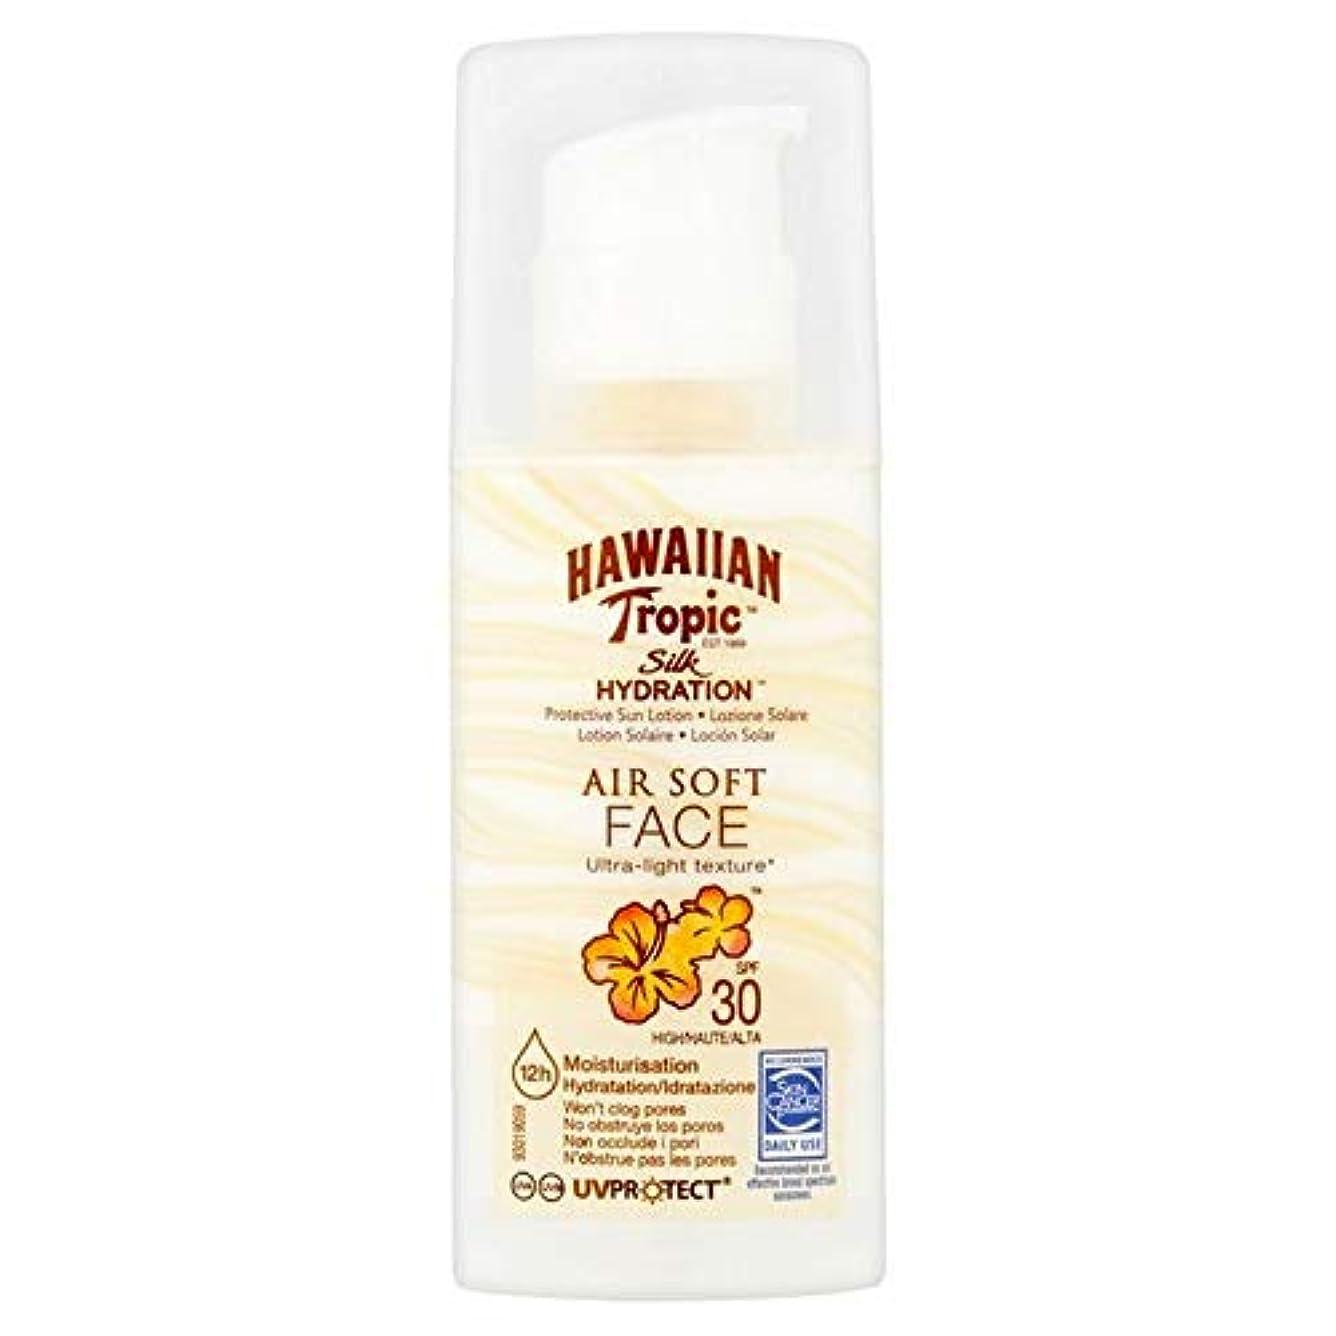 致命的樫の木ペデスタル[Hawaiian Tropic ] 南国ハワイの空気柔らかい顔の日焼け防止ローションSpf 30 50ミリリットル - Hawaiian Tropic Air Soft Face Sun Protection Lotion SPF 30 50ml [並行輸入品]